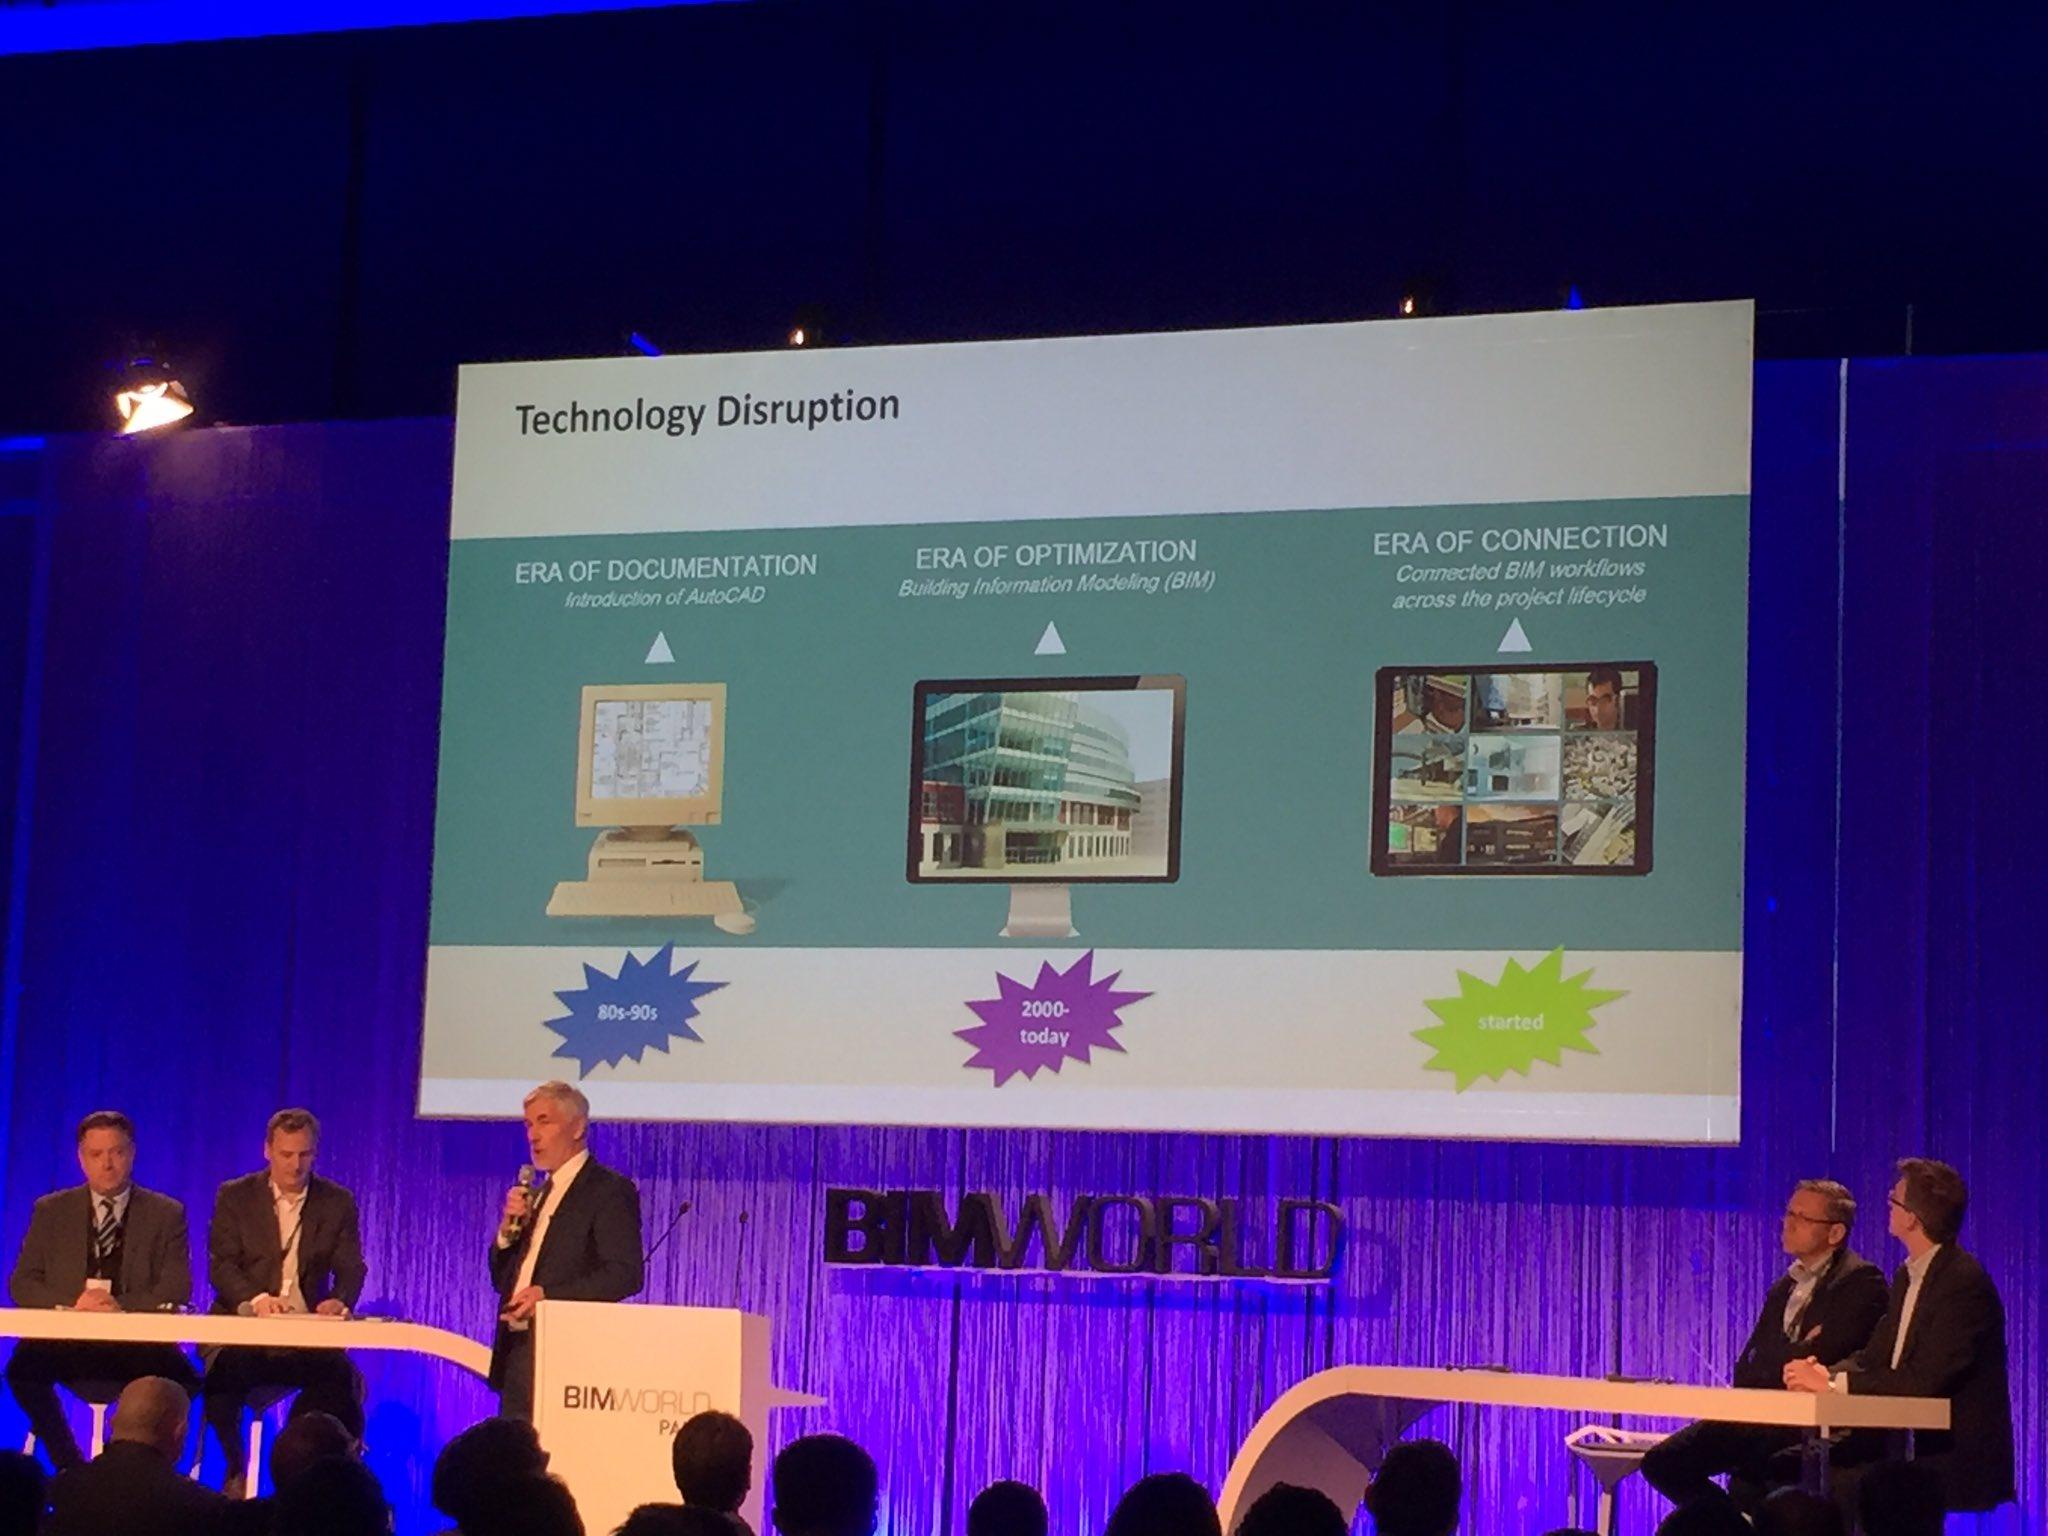 """""""L'ère de la connexion, c'est maintenant"""" Uwe Wasserman #BIMworld #autodesk #BIM https://t.co/YtvhtC45Lz"""